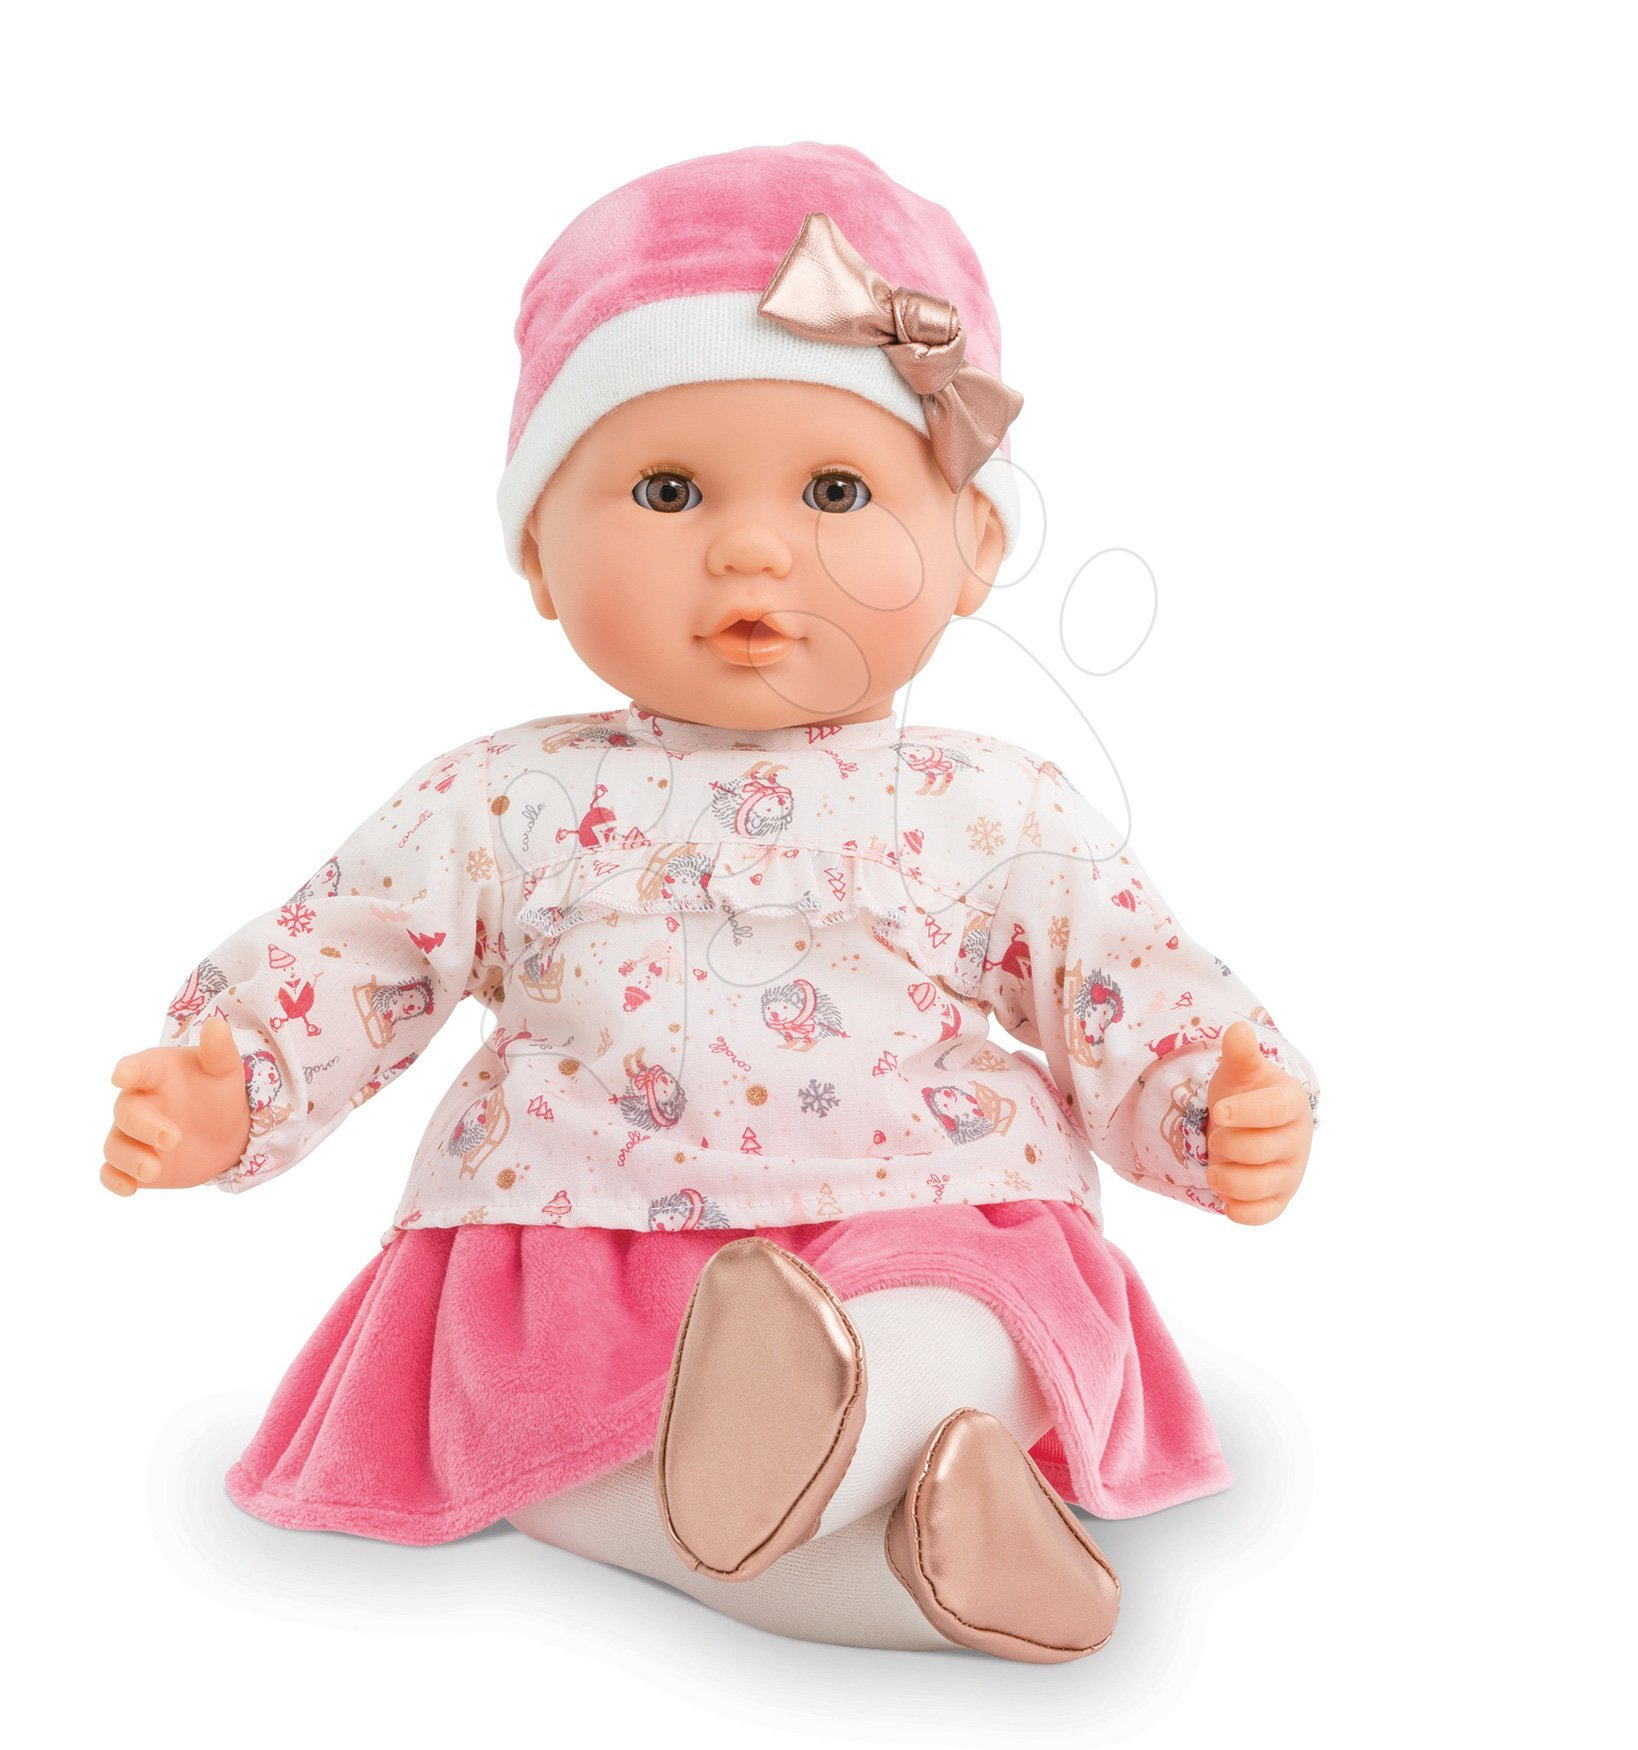 Játékbaba Lilly-Enchanted Winter Mon Grand Poupon Corolle 36 cm barna pislogó szemekkel 24 hó-tól